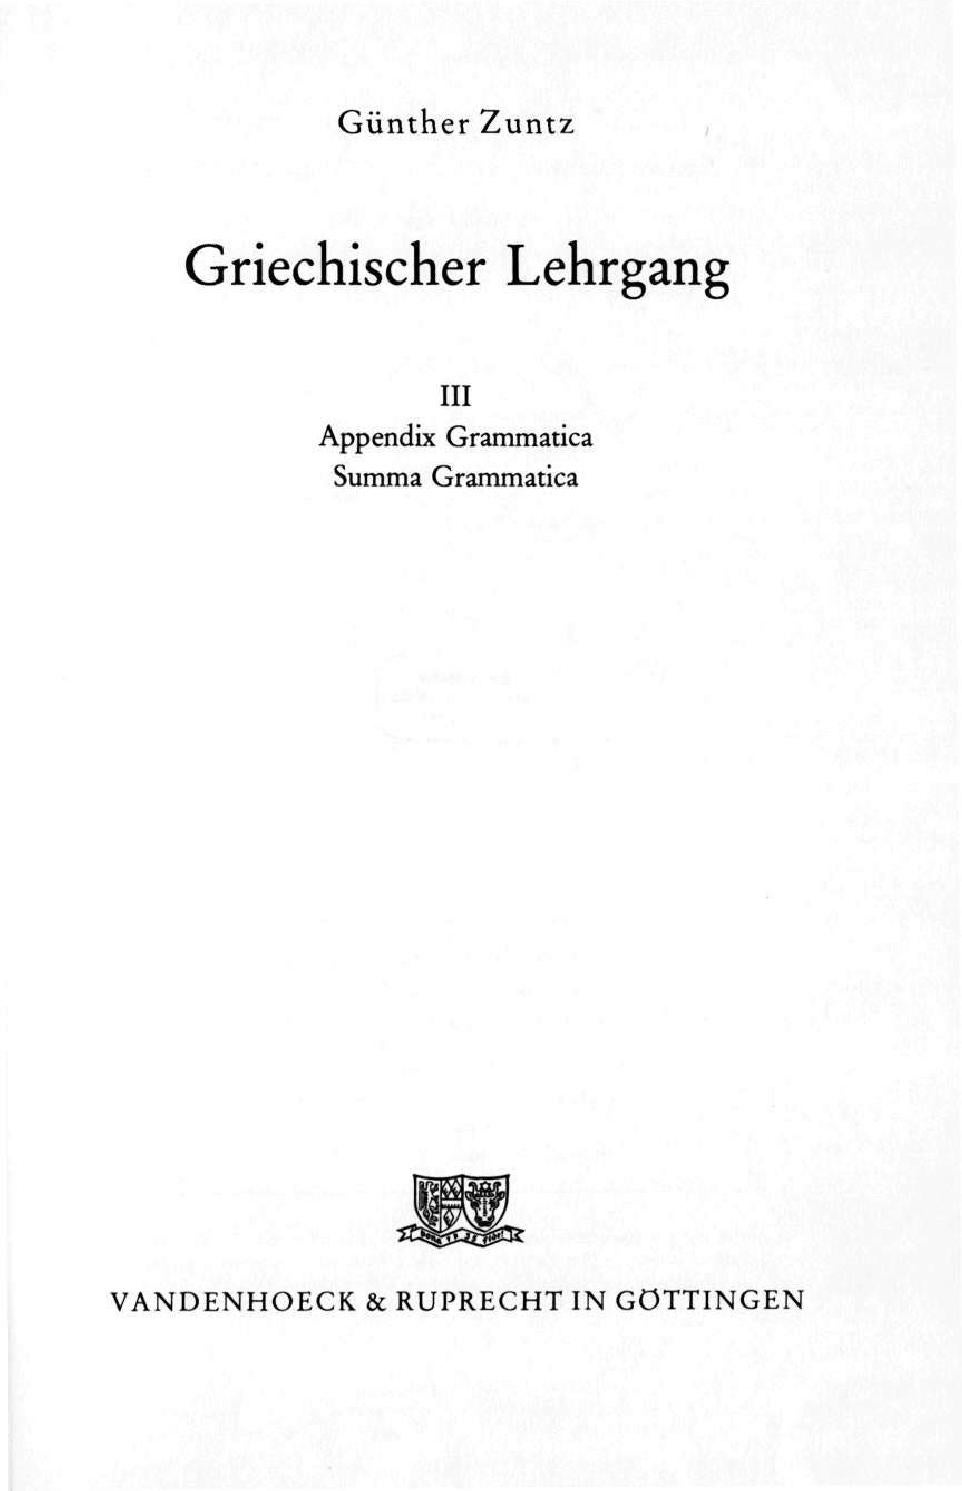 Griechischer Lehrgang III Grammatik Guenther Zuntz 1983 by Christian ...